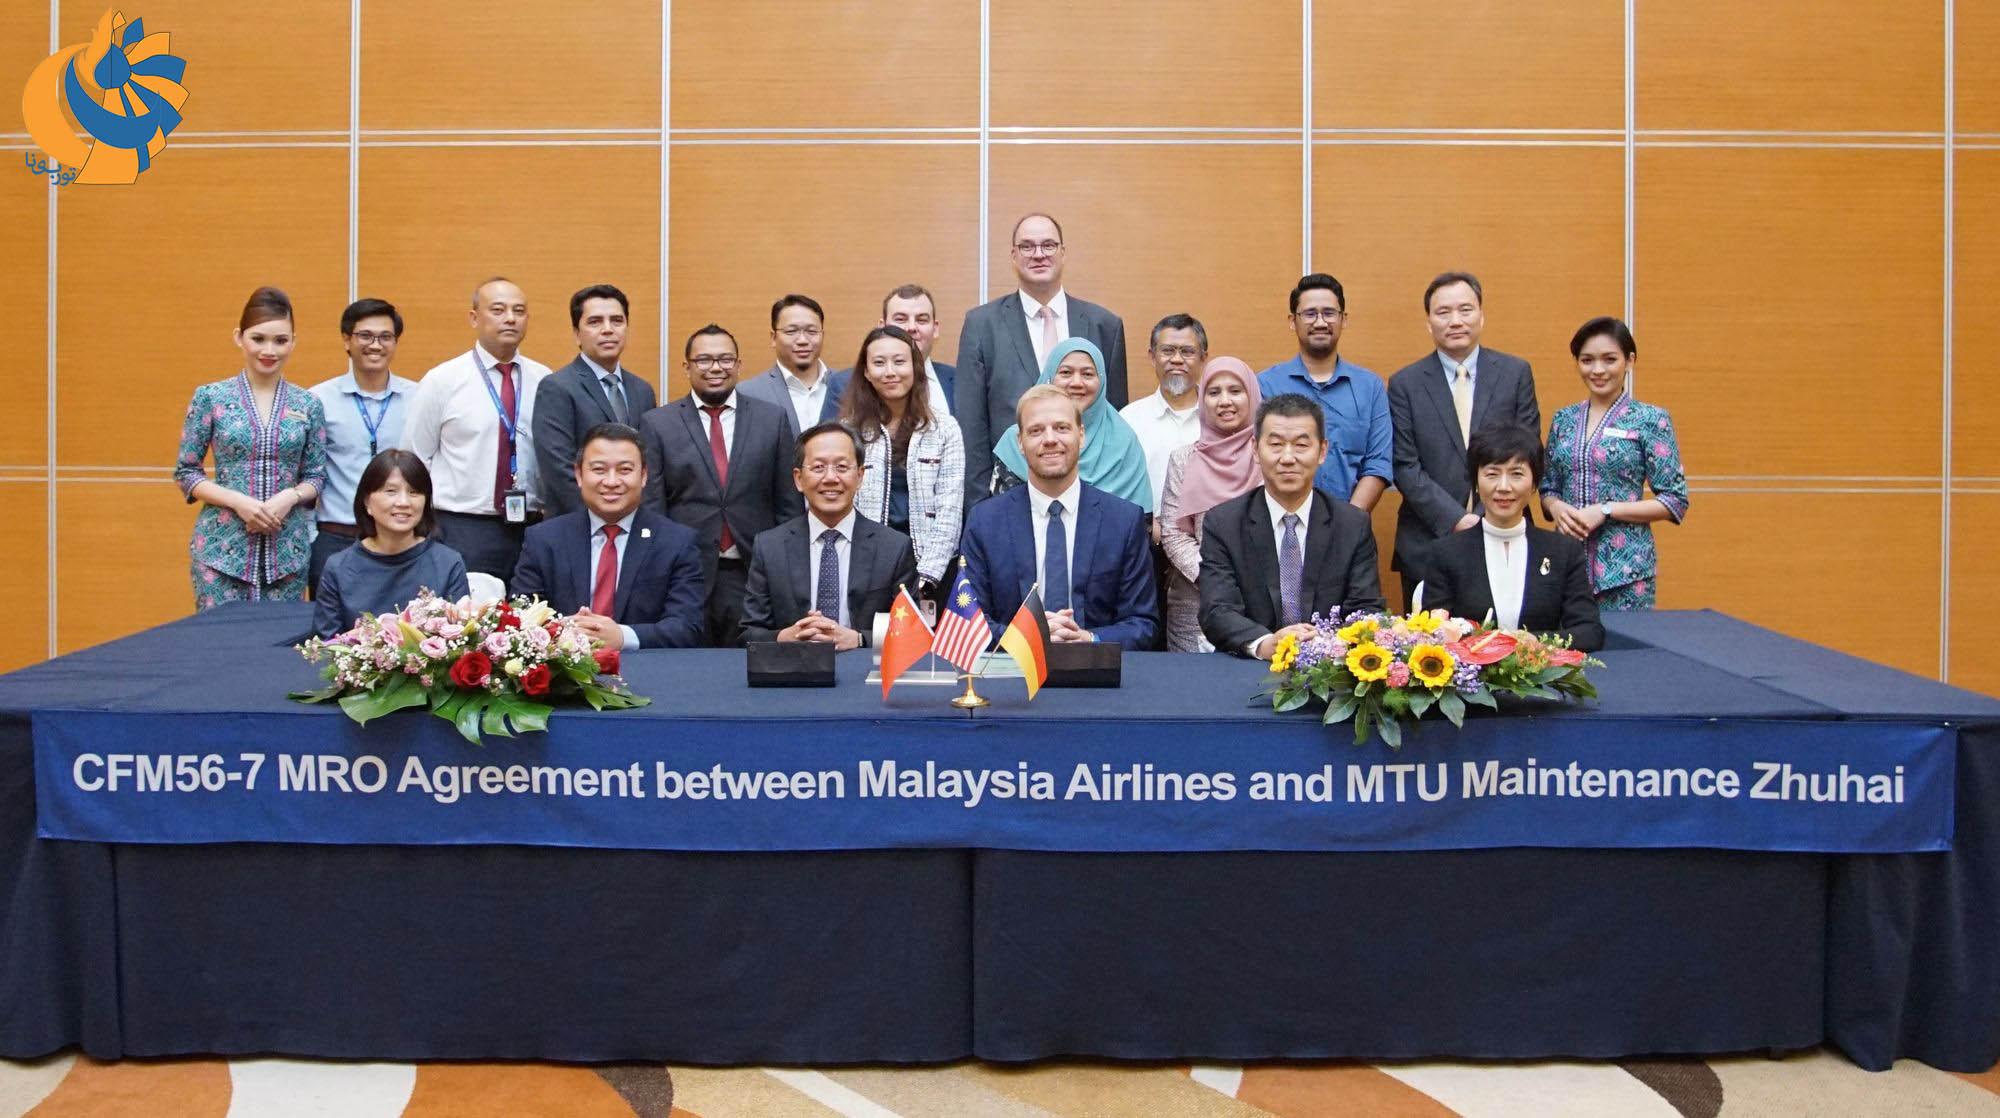 قرارداد پشتیبانی از موتورهای توربوفن CFM56 خطوط هوایی مالزی توسط MTU